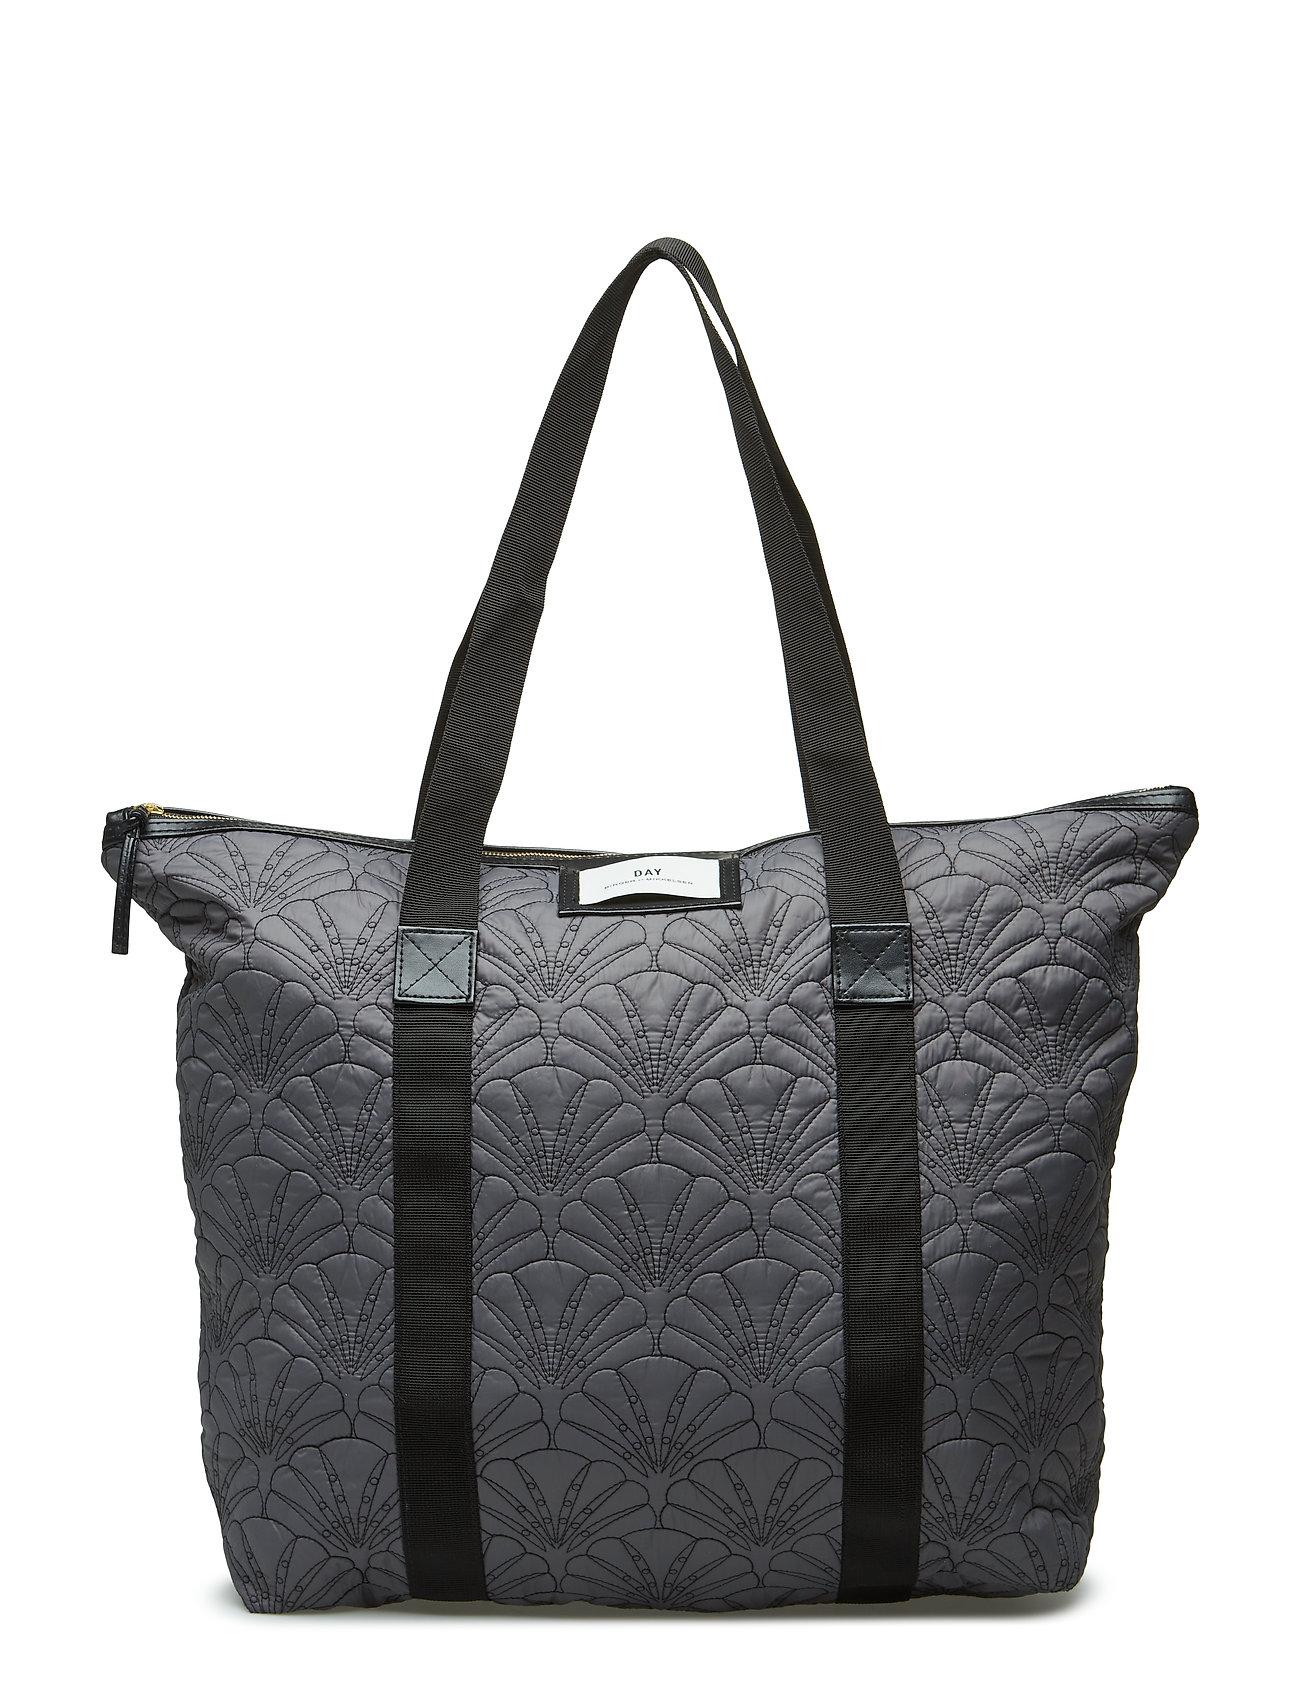 Image of Day Gweneth Q Fan Bag (3102801495)